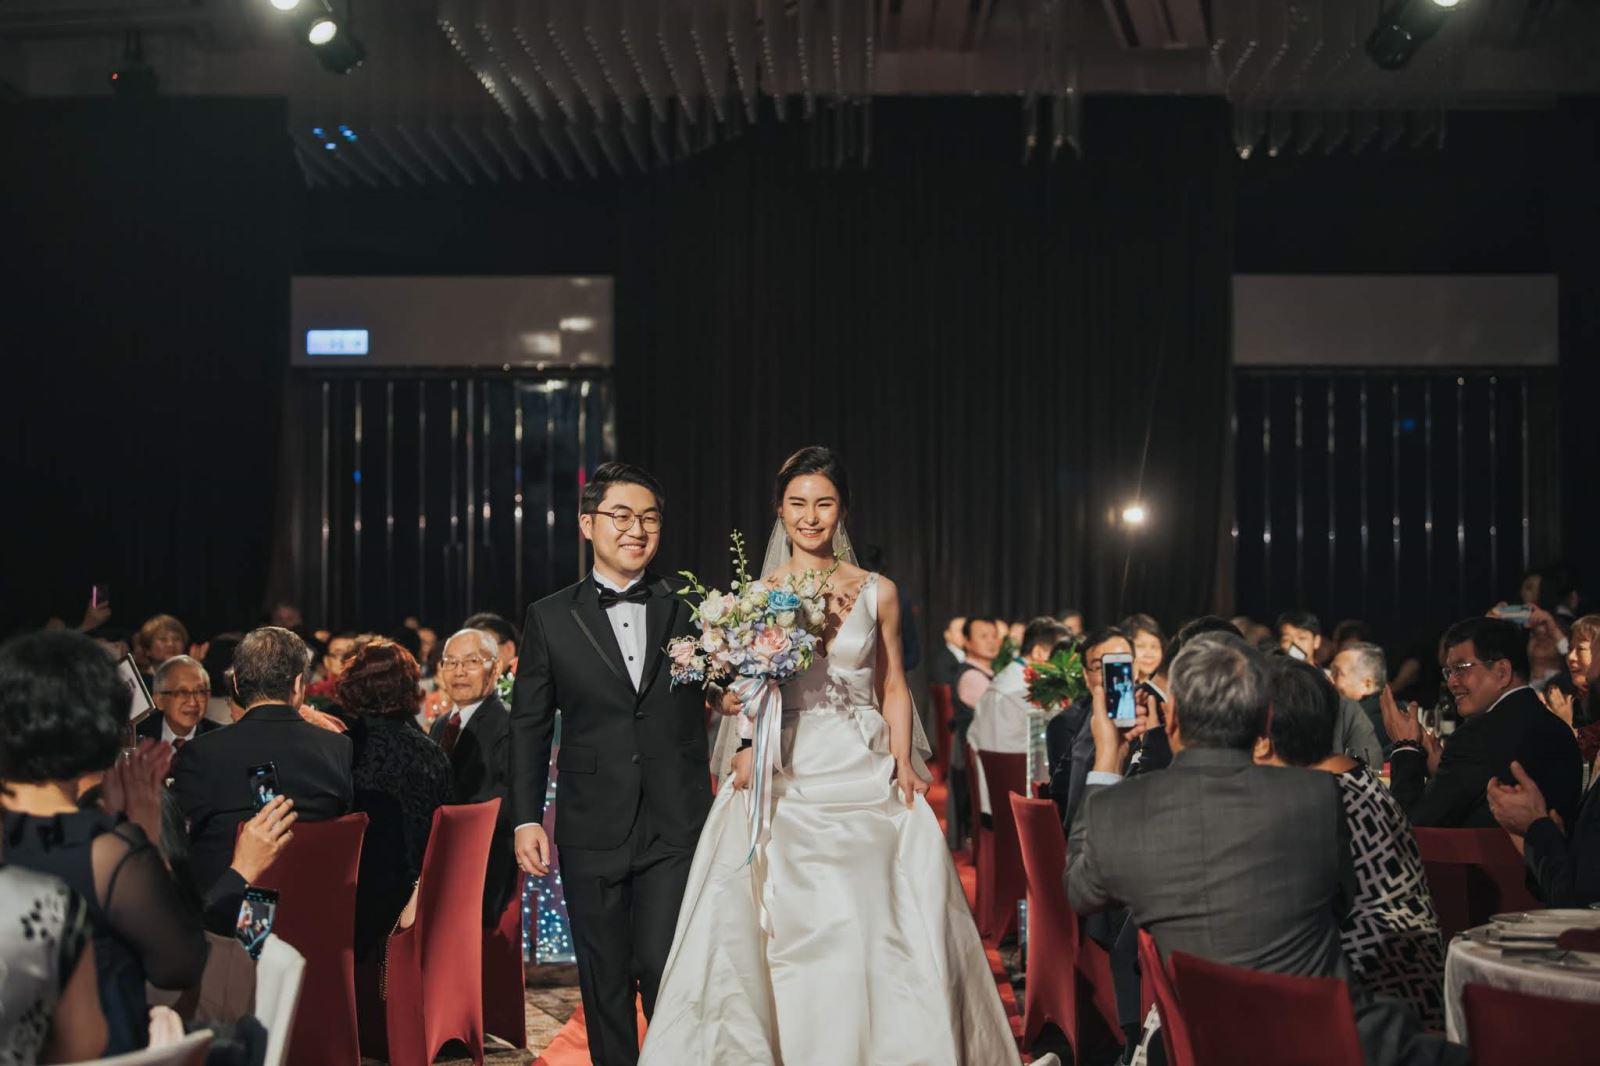 從舊金山回台補辦婚禮的新郎與新娘